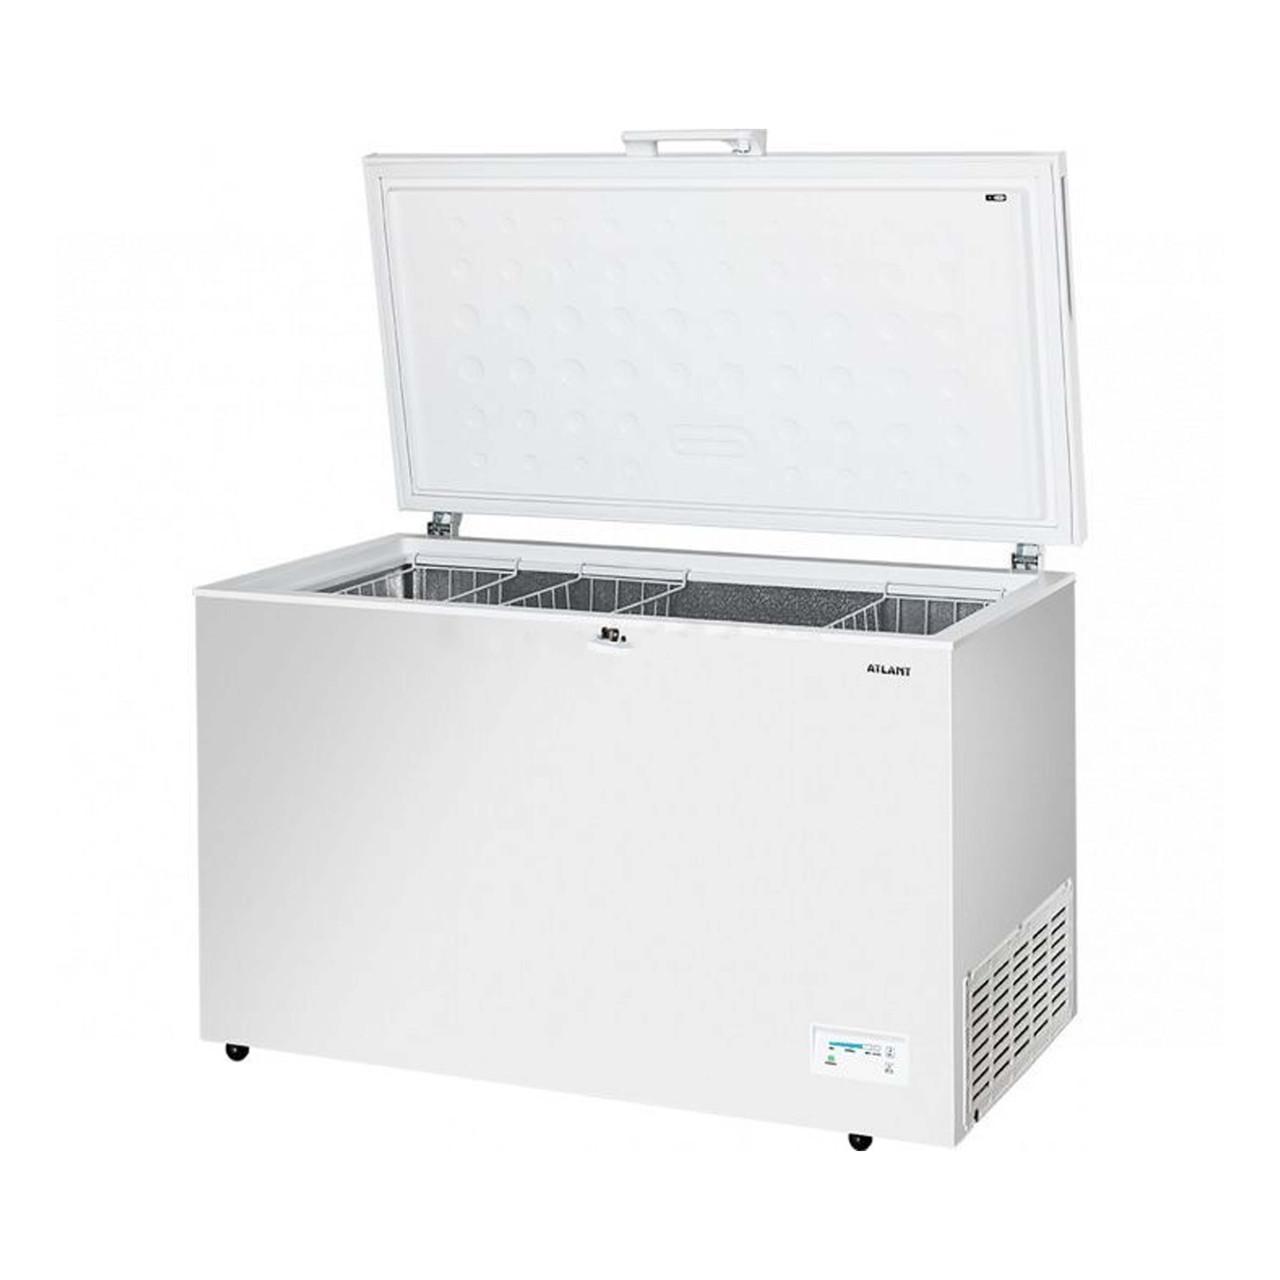 Морозильный ларь Atlant Freezer chest M-8038-101